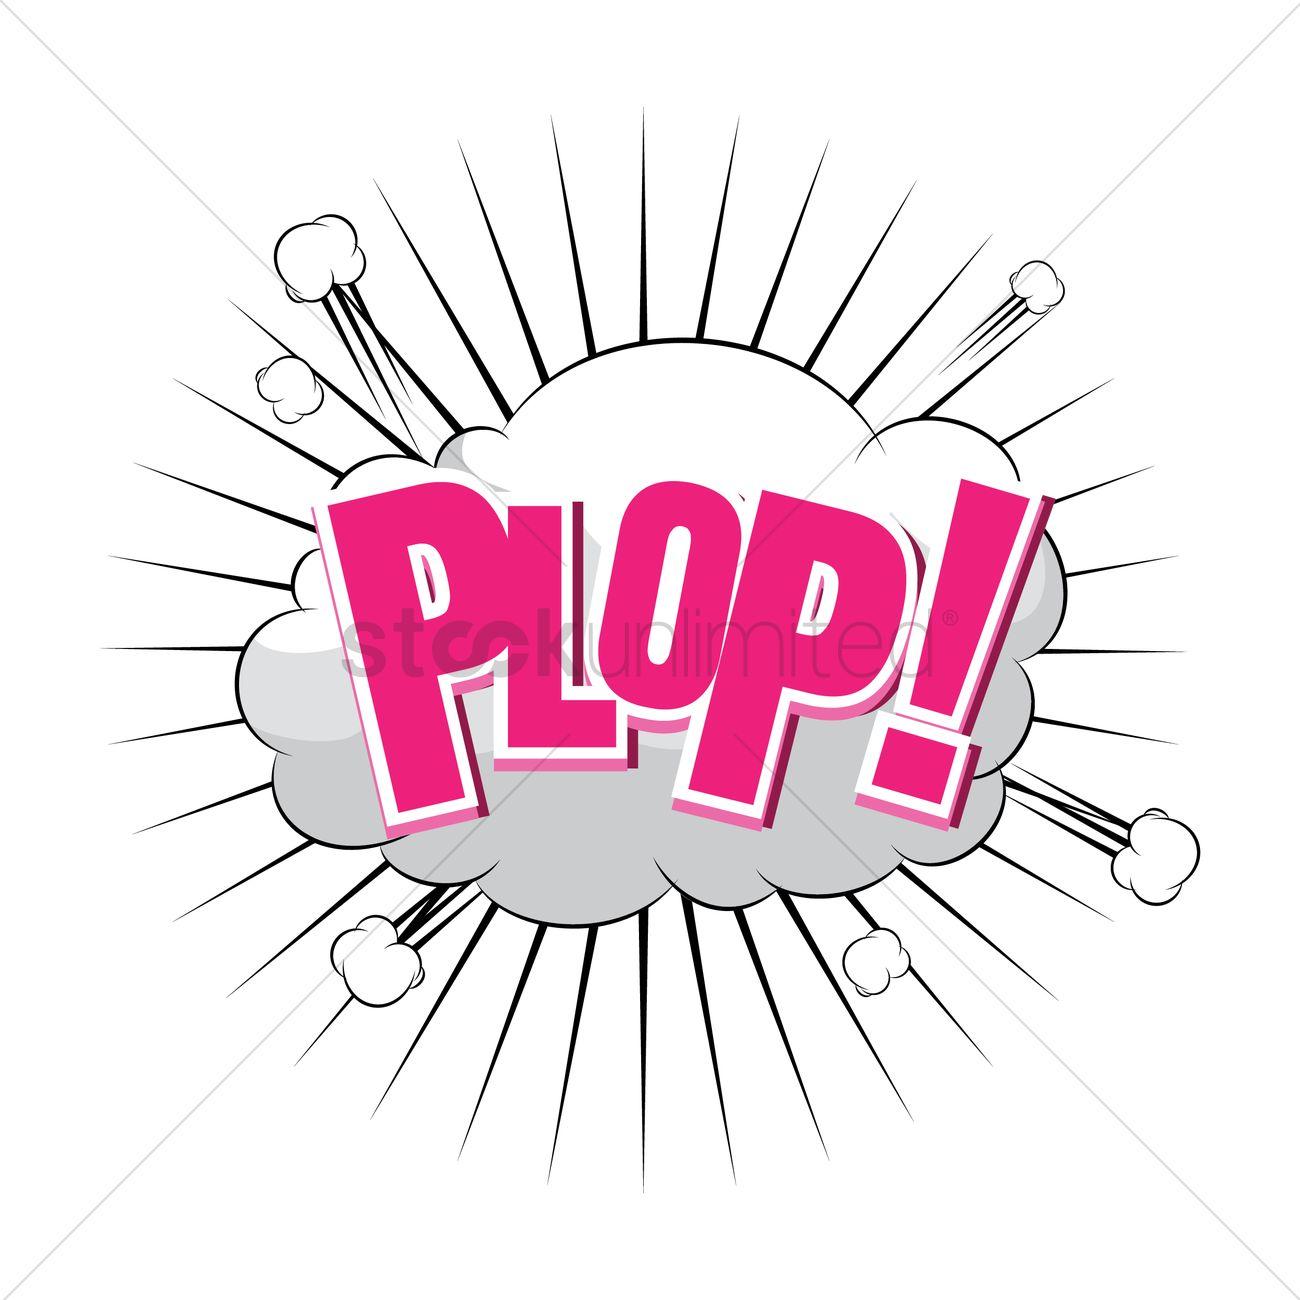 Plop comic wording Vector Image.